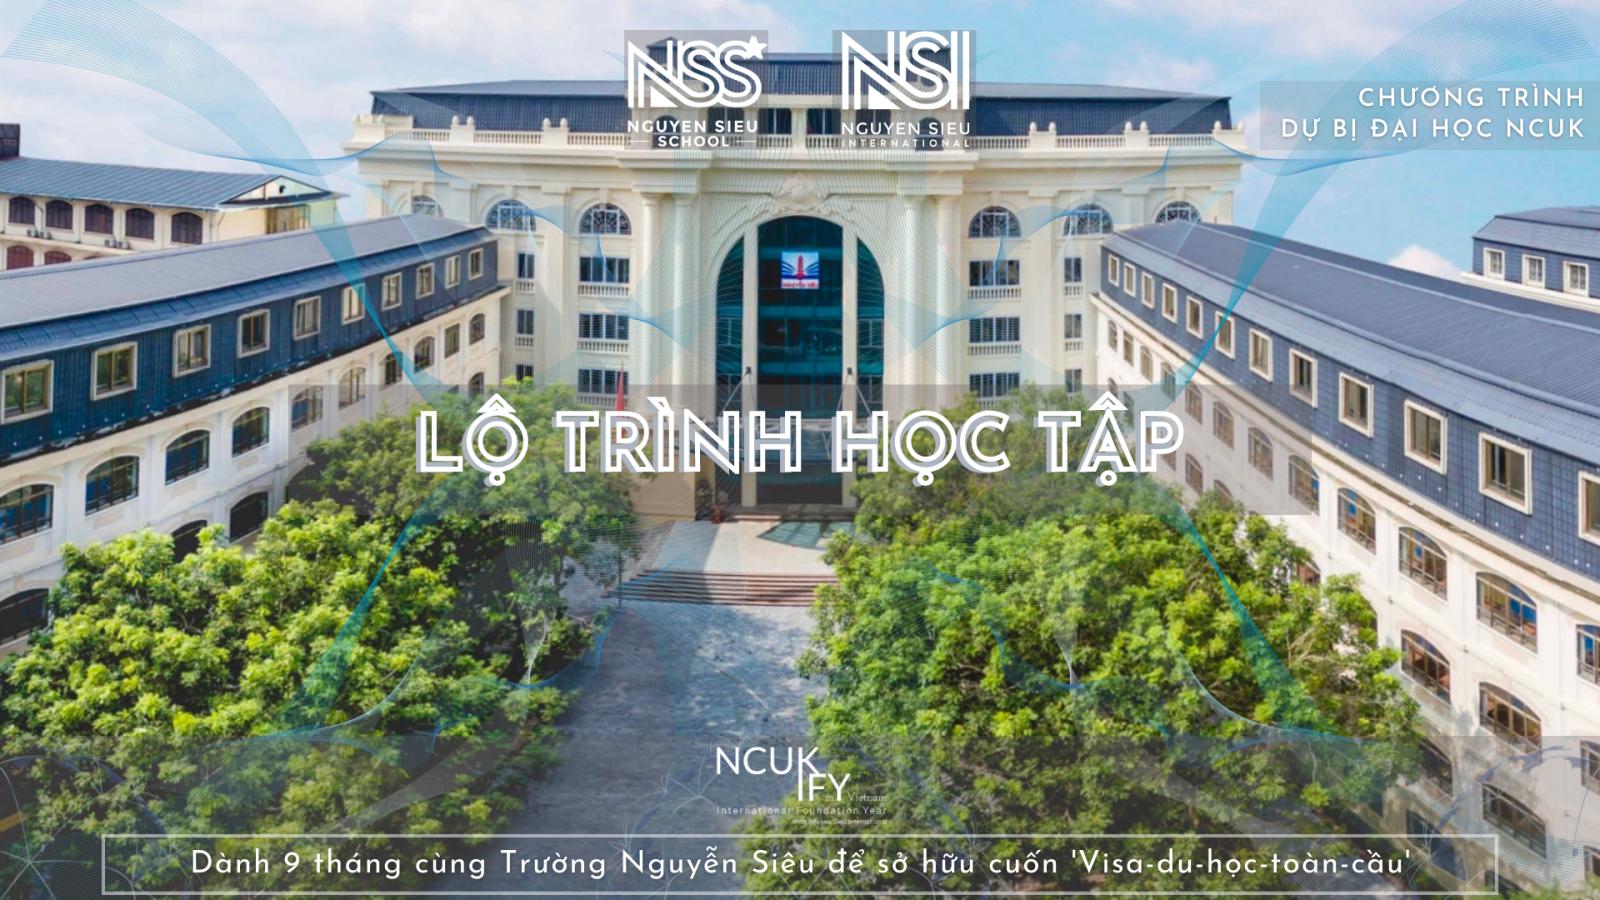 Lộ trình học tập chương trình Dự bị Đại học NCUK tại Trường Nguyễn Siêu